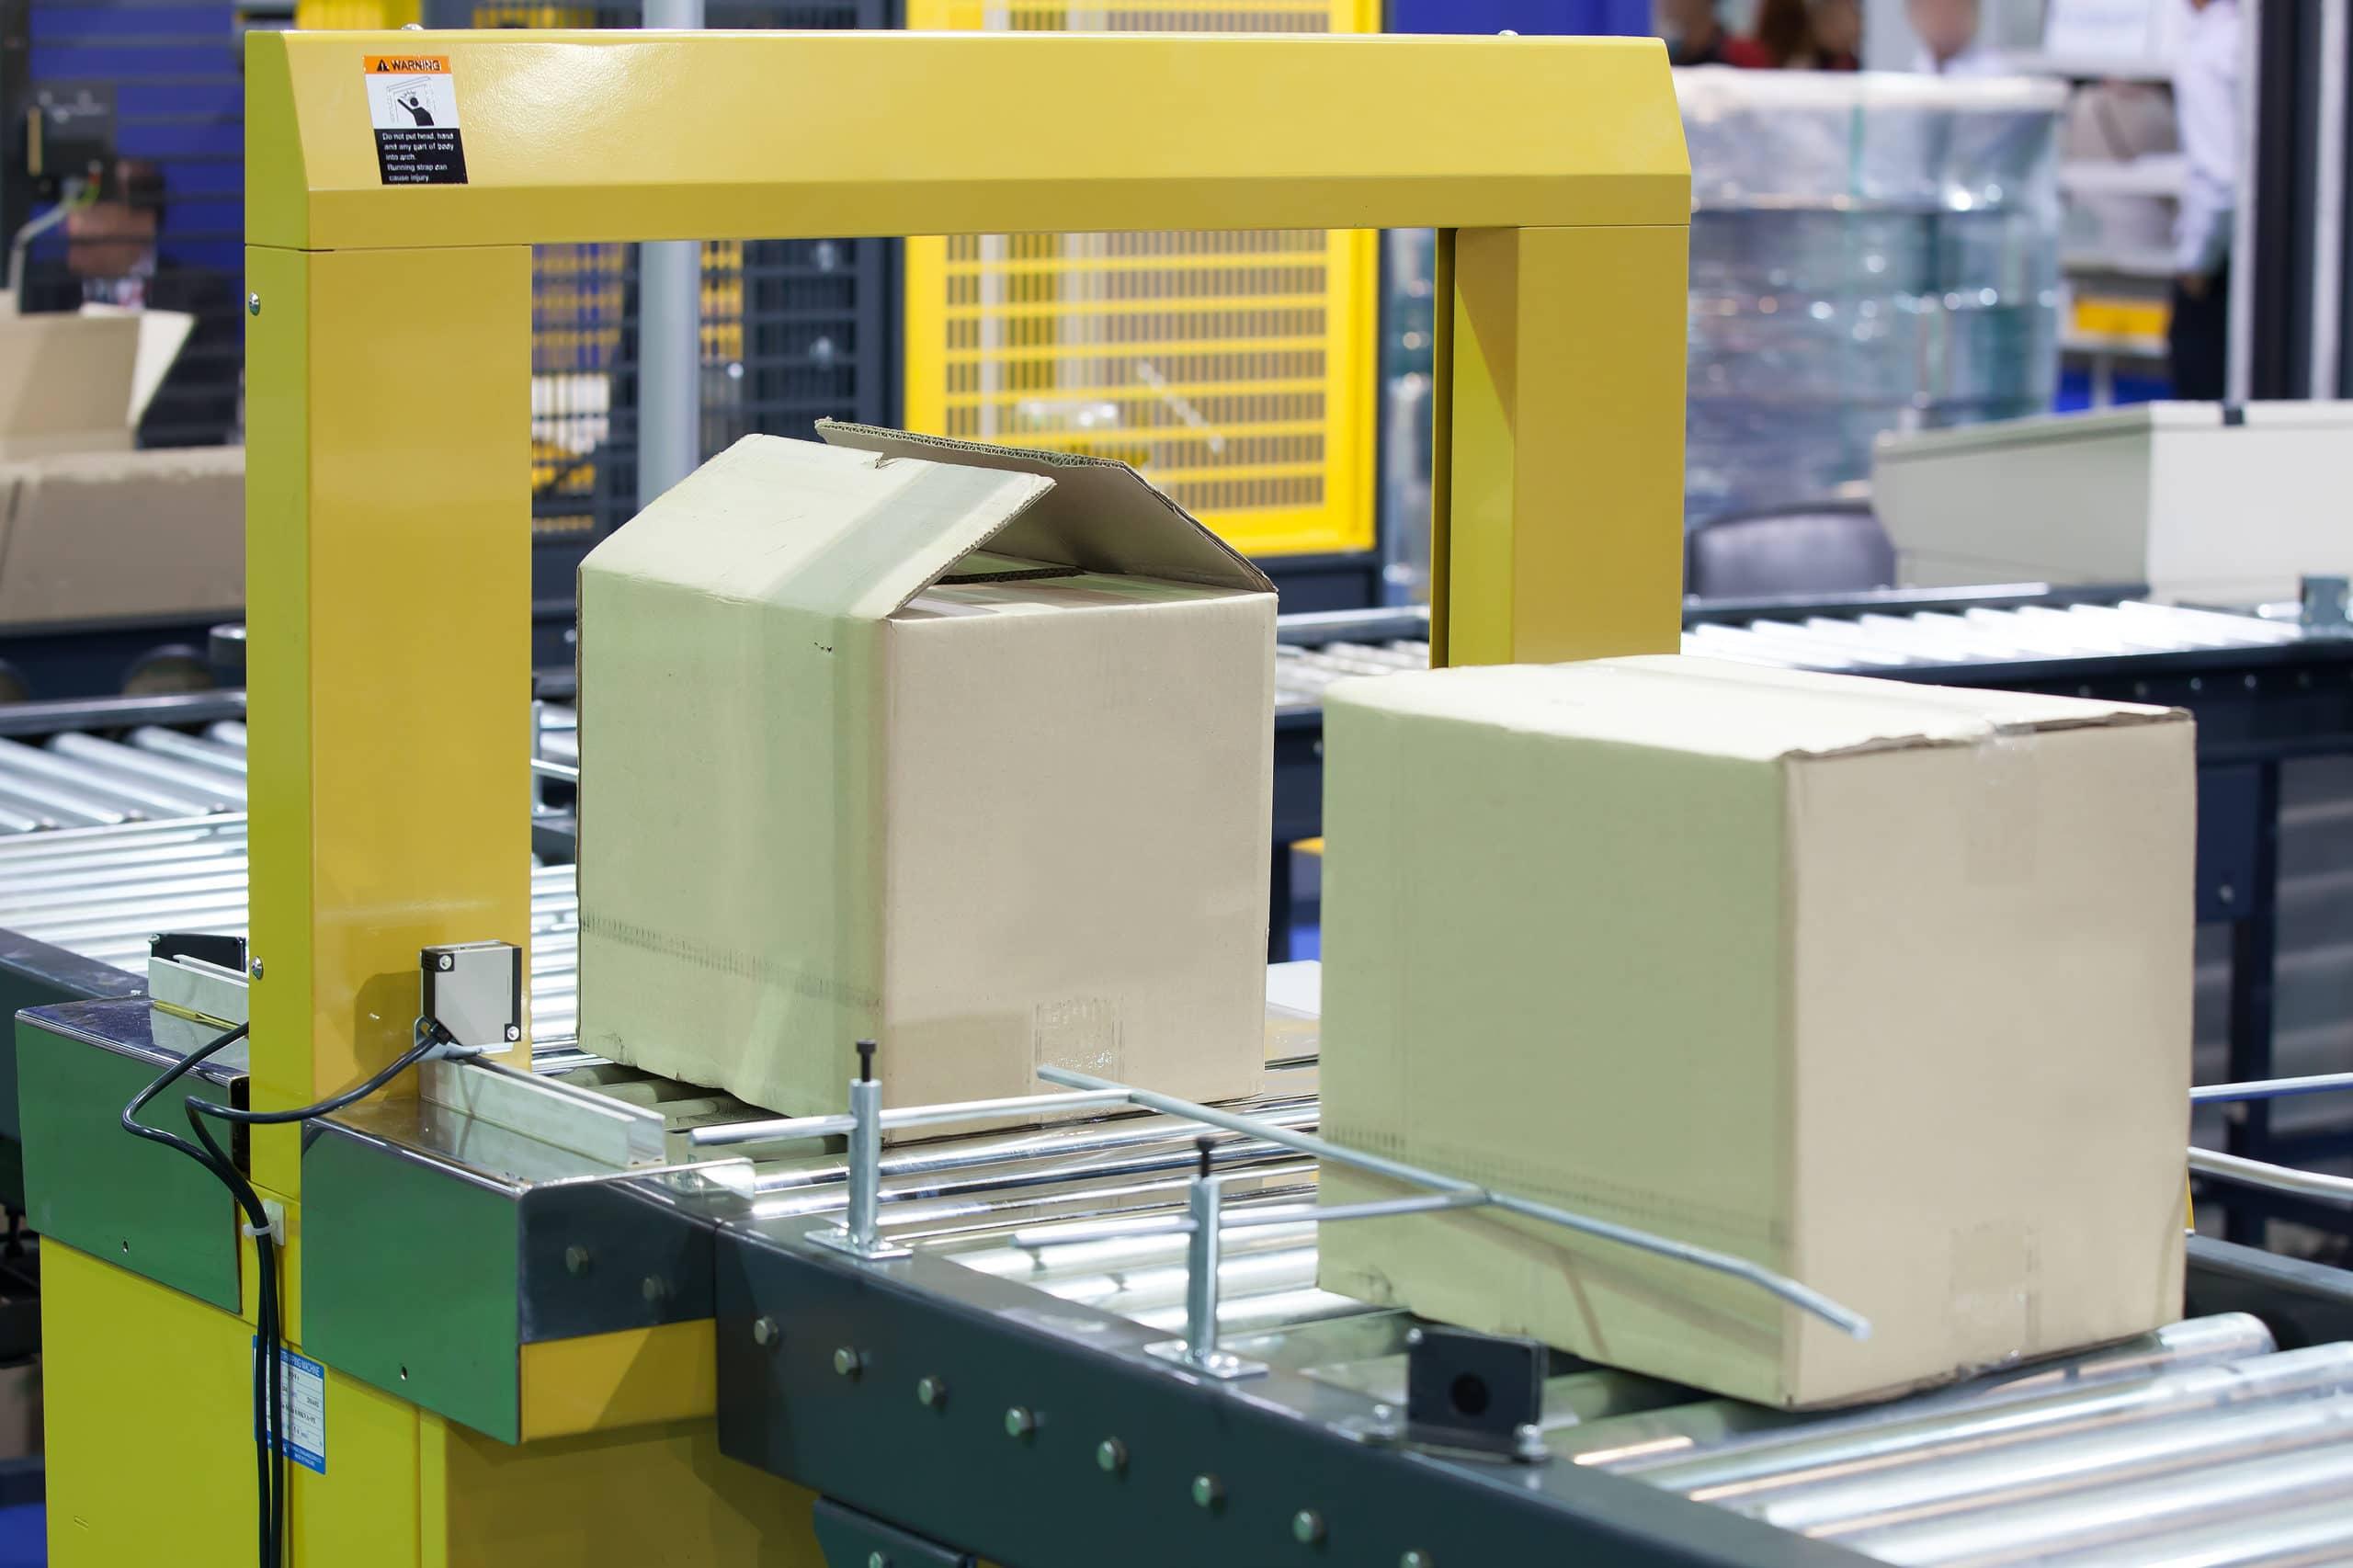 Verpackungsindustrie